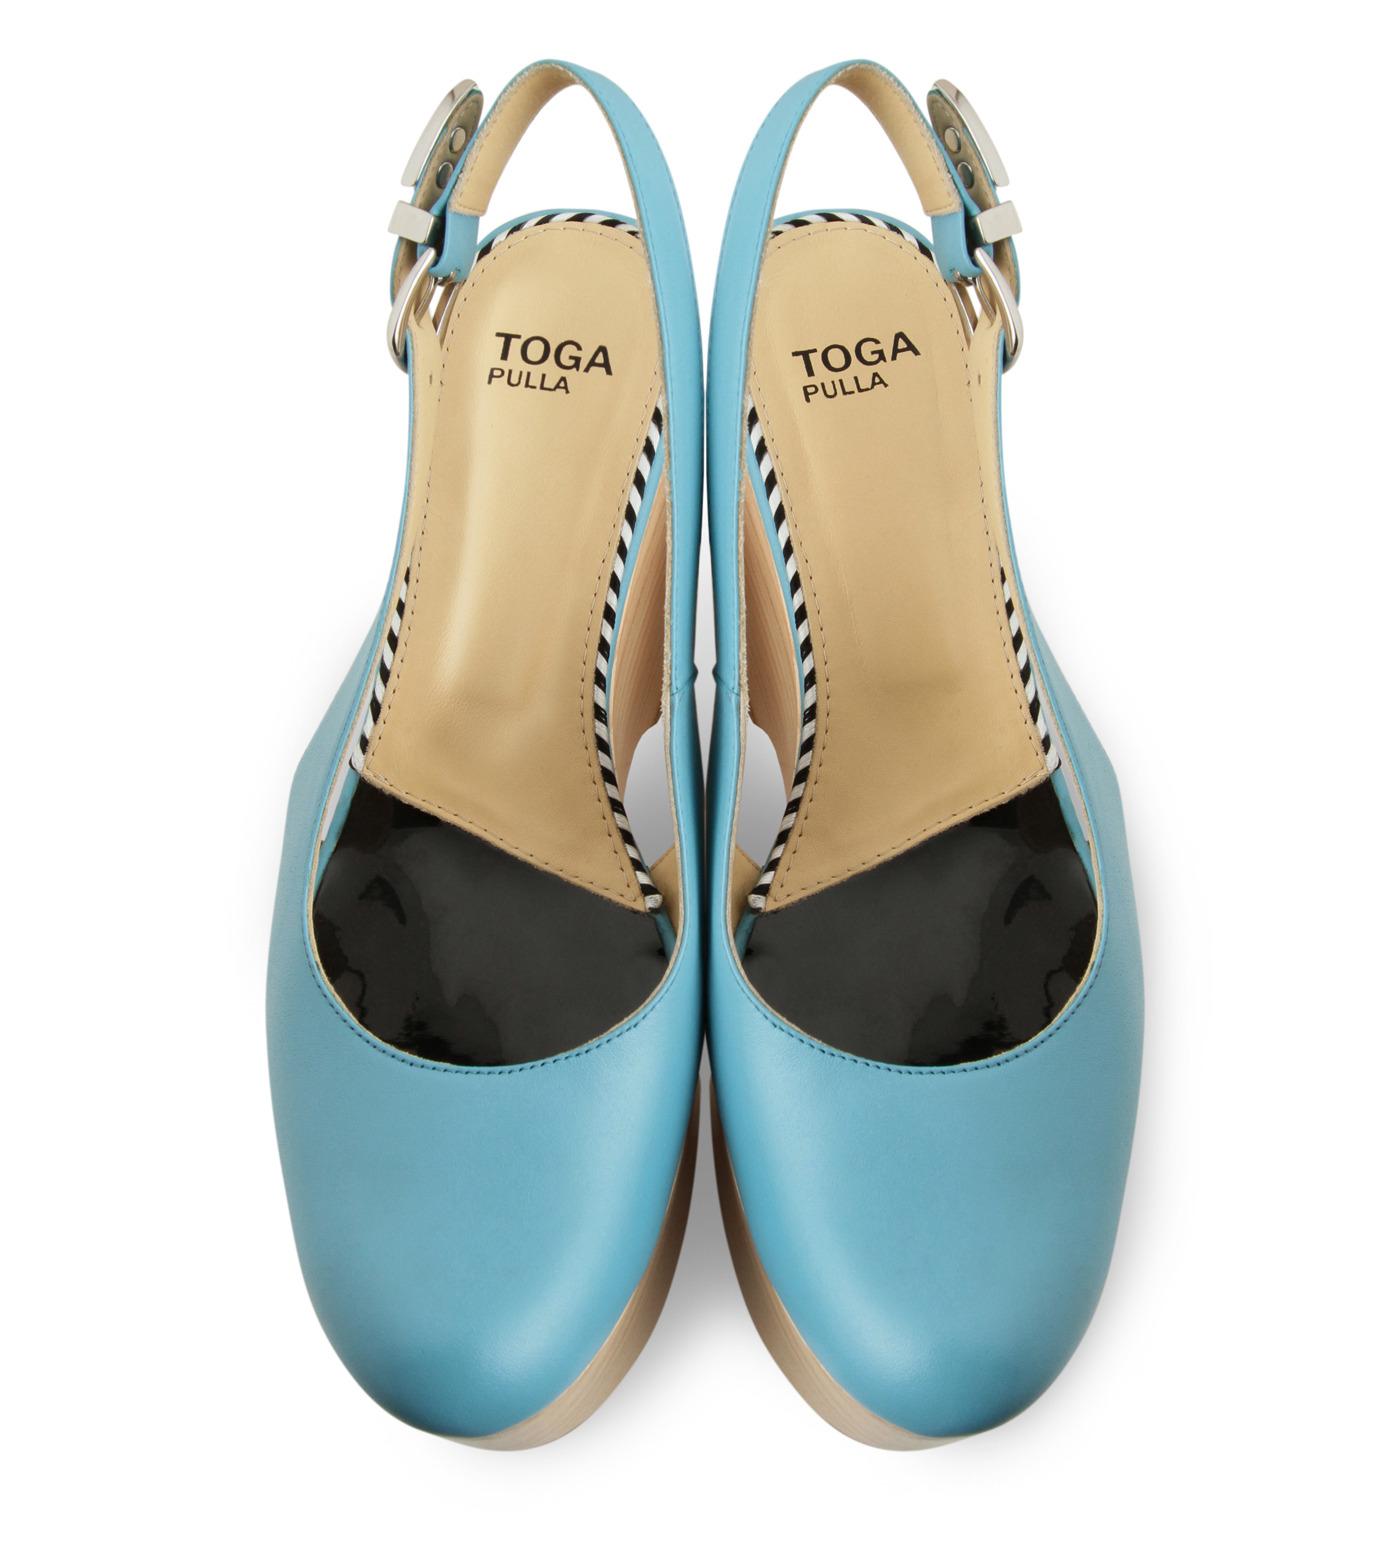 Toga(トーガ)のWood Sole Wedge Pump-LIGHT BLUE(パンプス/pumps)-TP51-AJ688-91 拡大詳細画像4